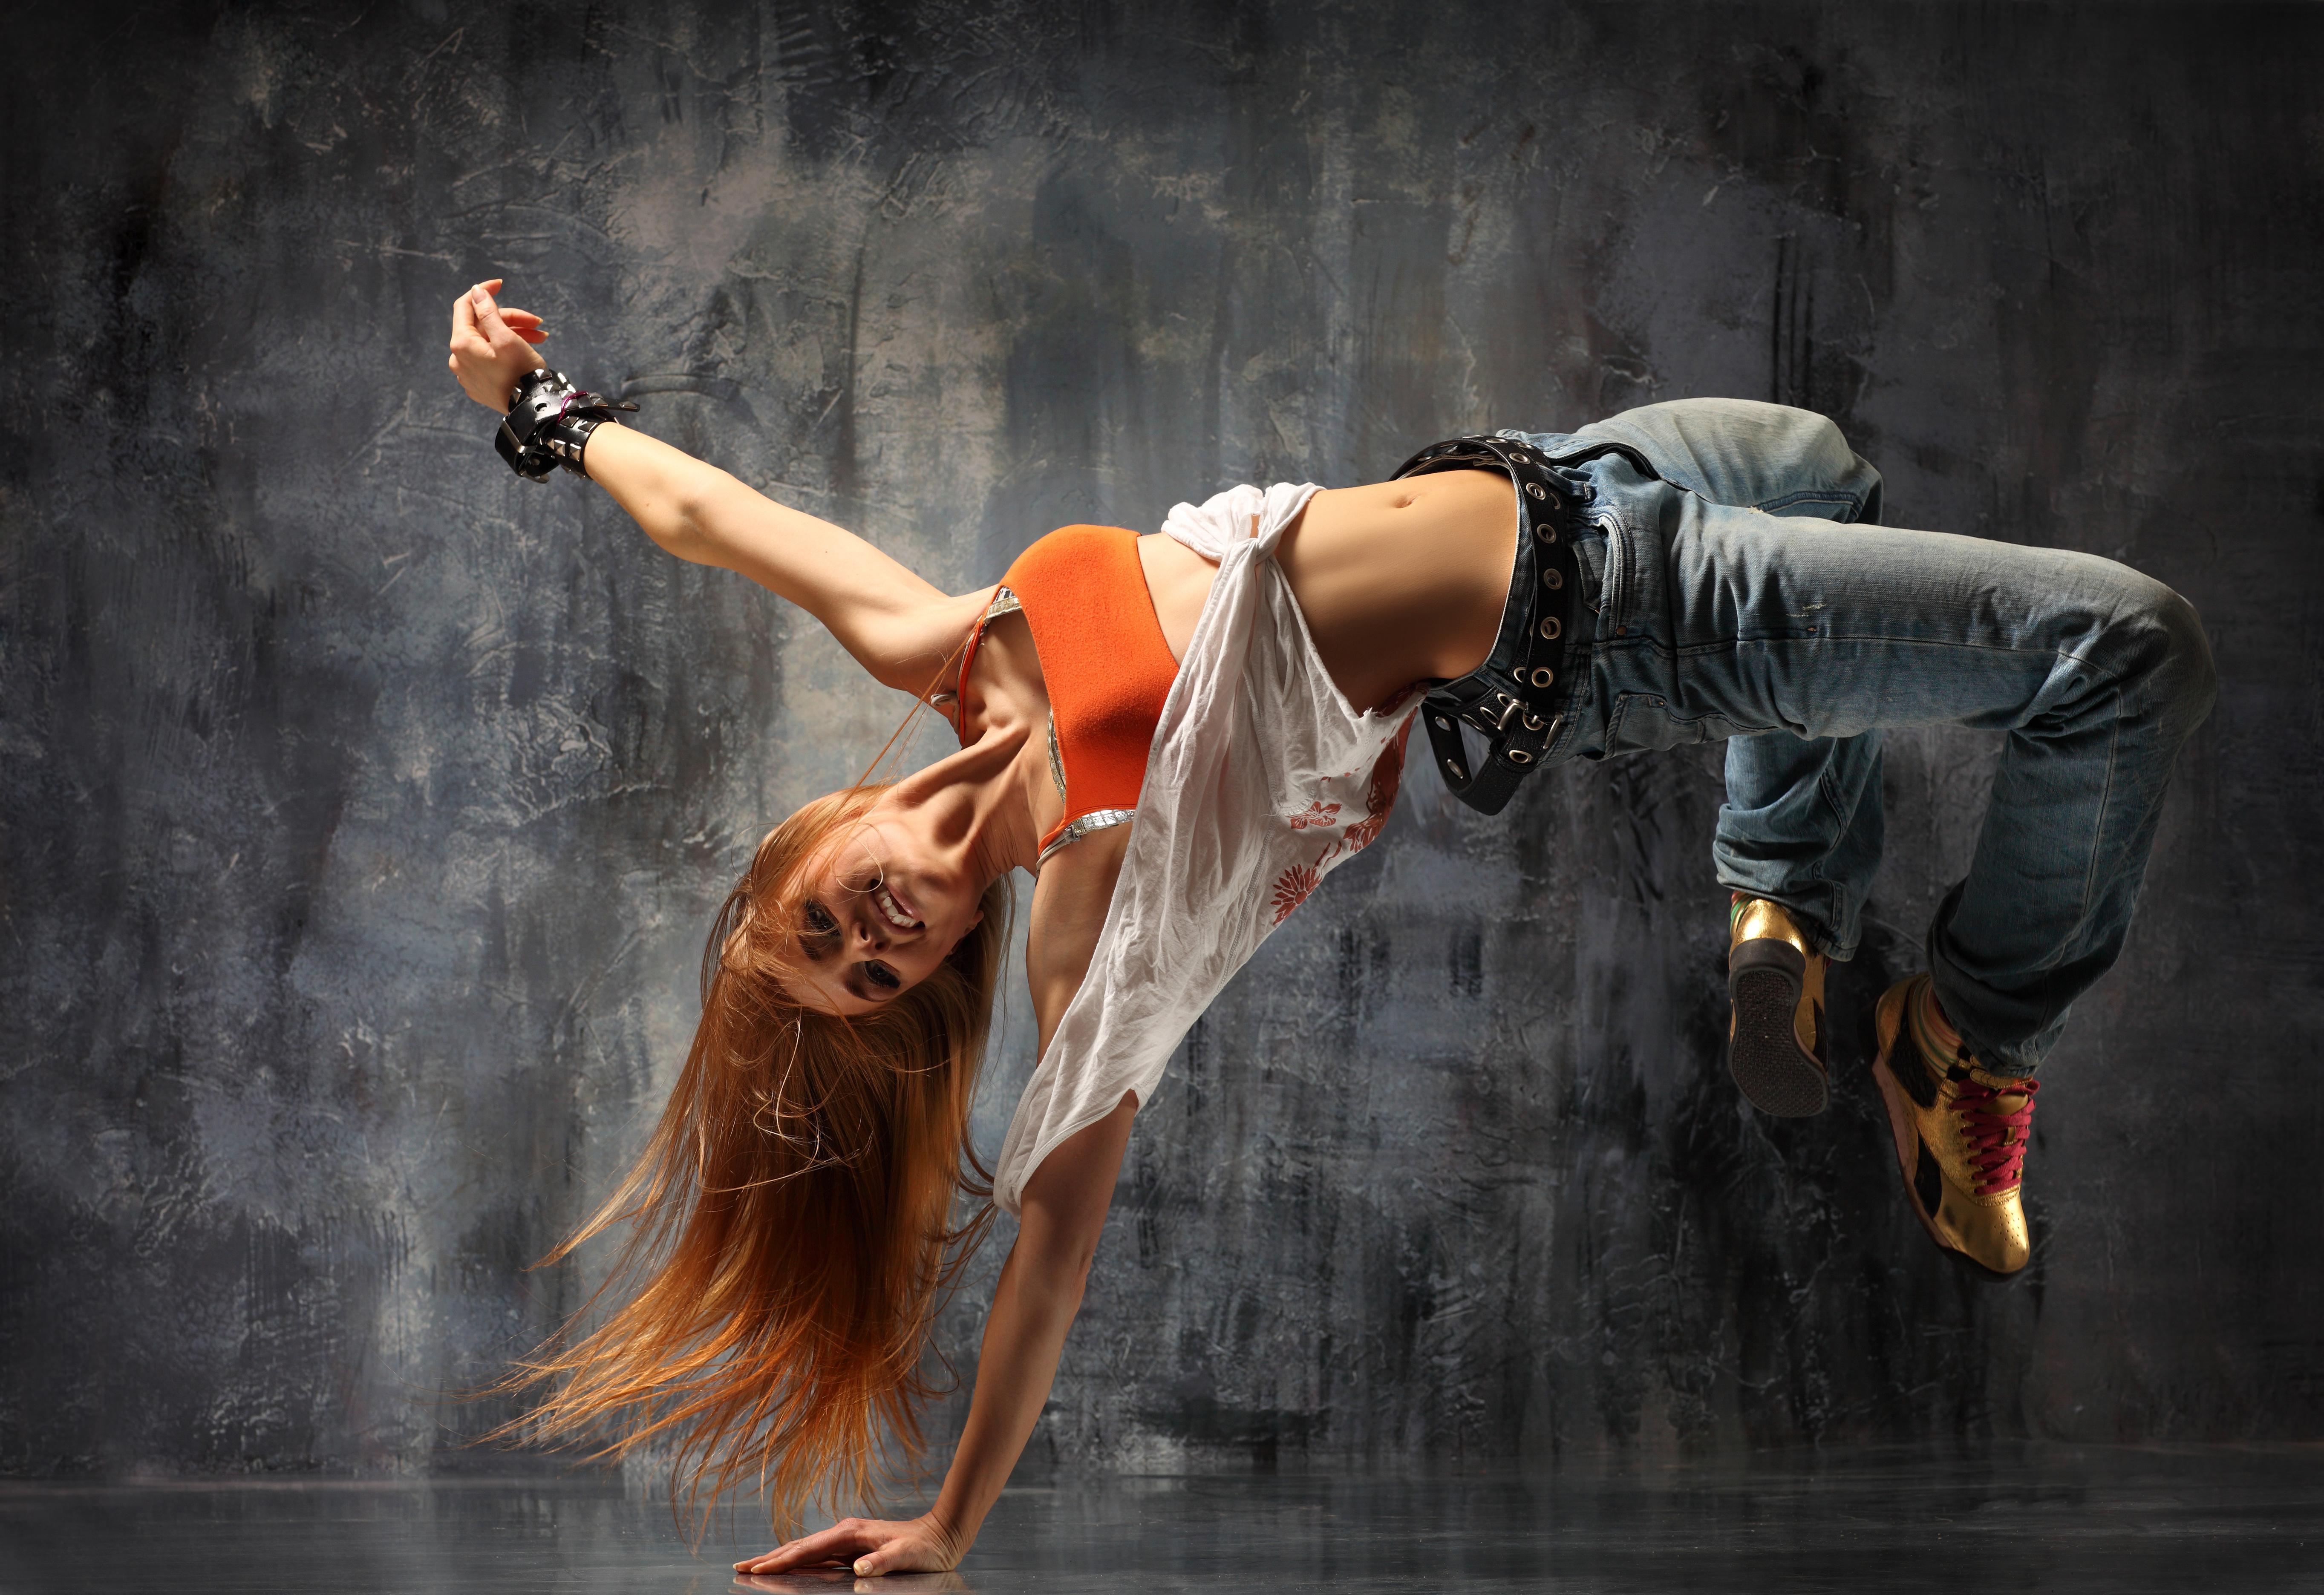 мужчины озадачены современные танцы картинки в высоком разрешении побывал